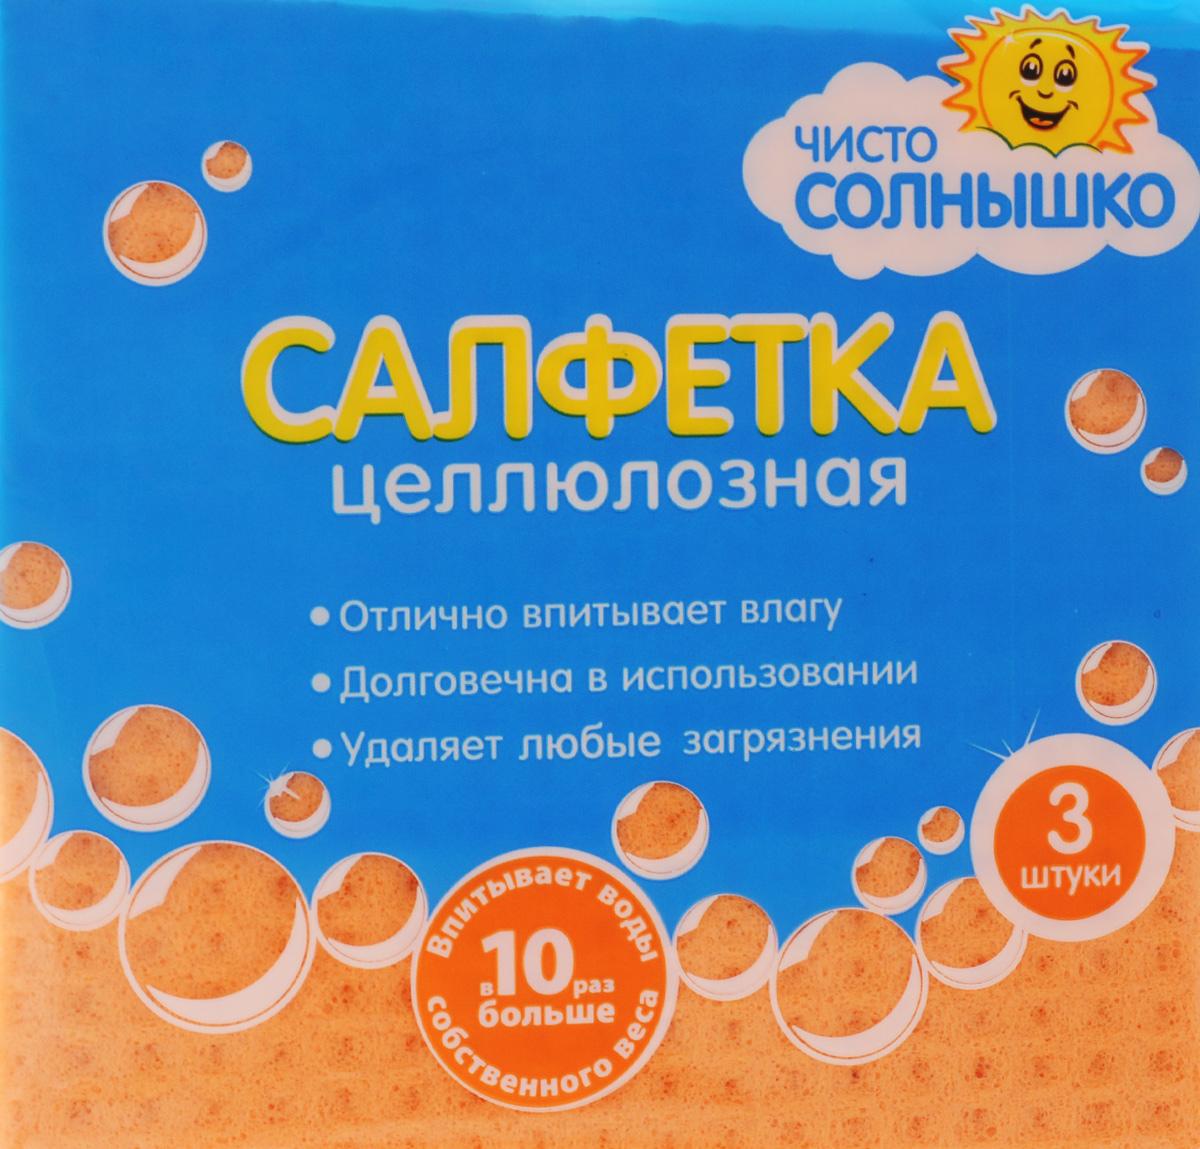 Салфетка Чисто Солнышко из целлюлозы, 14 x 15 см, 3 шт531-105Салфетки для уборки Чисто Солнышко выполнены из целлюлозы. Они превосходно впитывают влагув10 раз больше собственного веса. Во влажном состоянии изделия мягкие и эластичные, при высыхании твердеют, что препятствует размножению бактерий и возникновению неприятных запахов.Рекомендации по применению:Перед использованием намочить салфетку в воде и отжать.Для продления срока службы после применения прополоскать в теплой воде.Хранить в сухом месте, вдали отопительных приборов и агрессивных сред.Беречь от воздействия прямого солнечного света.